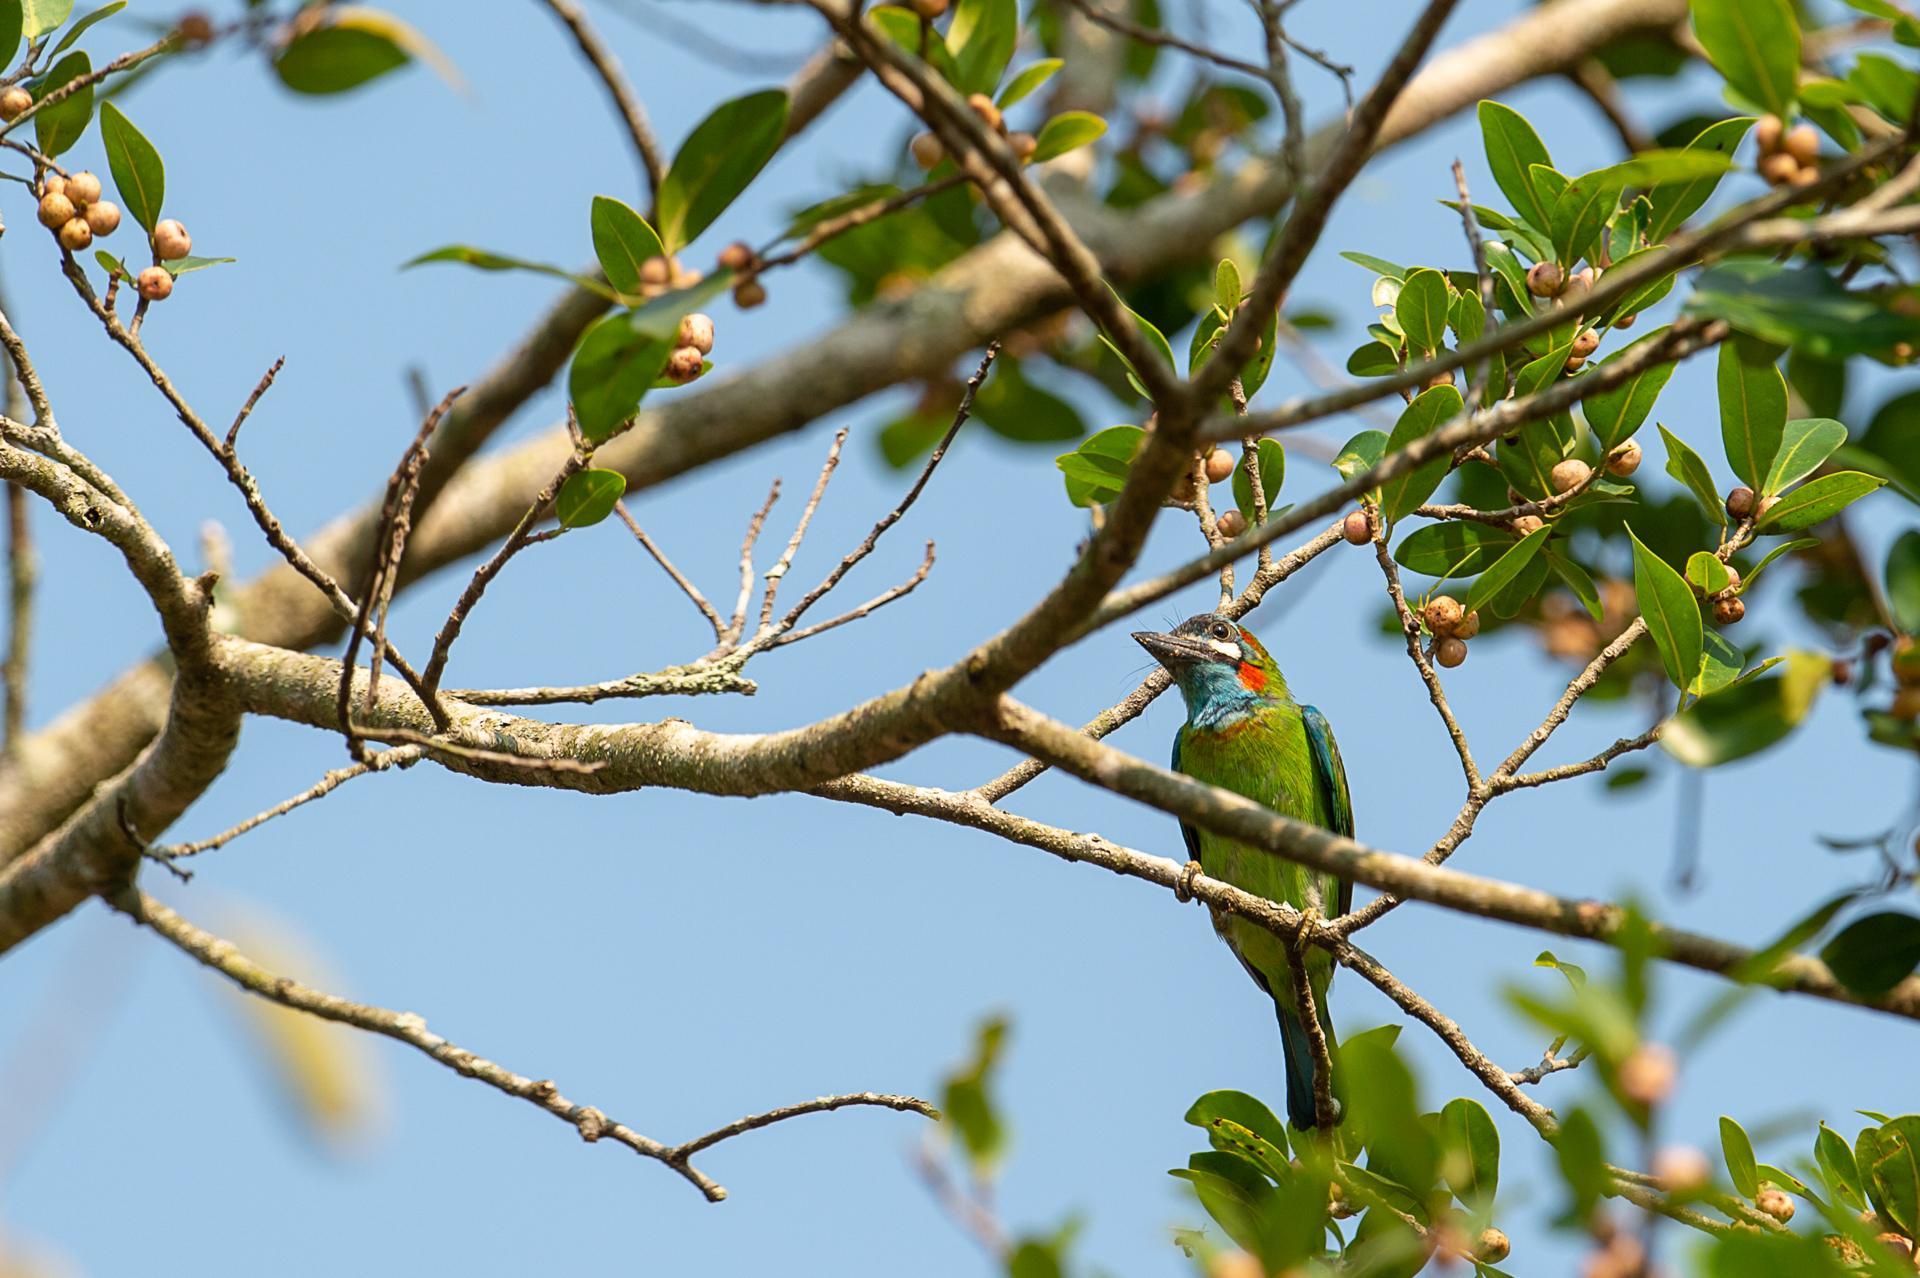 Barbu à oreillons noirs, Psilopogon duvaucelii